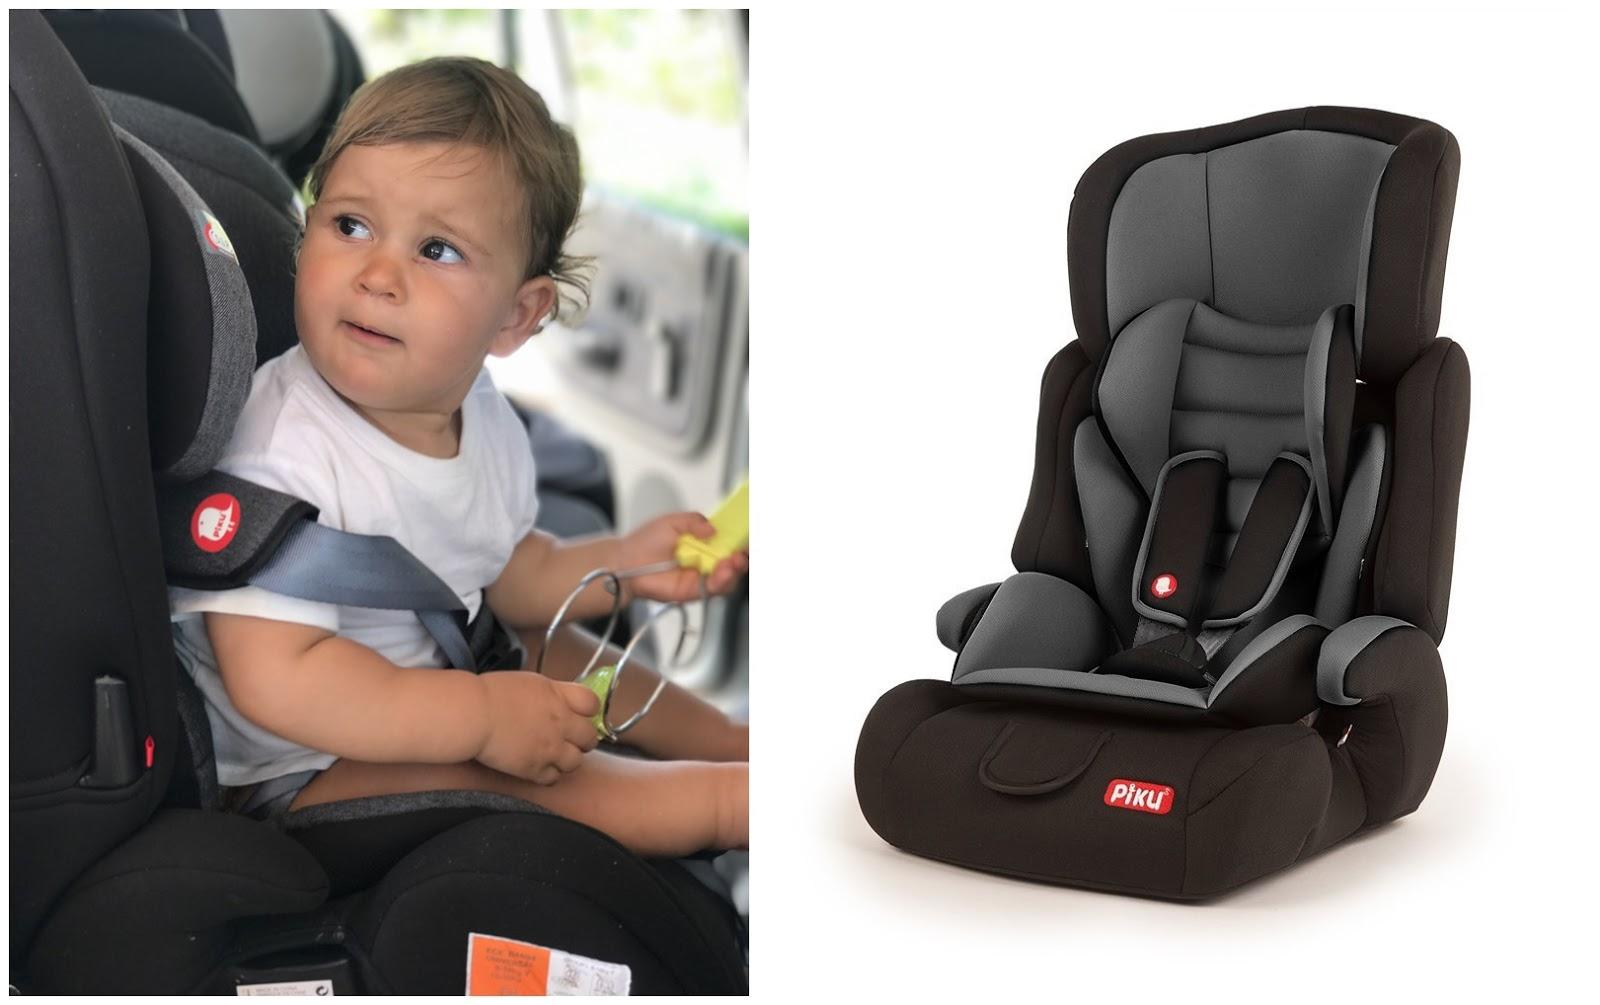 Soy una mama molona piku sillas coche bebe - Piku silla coche ...